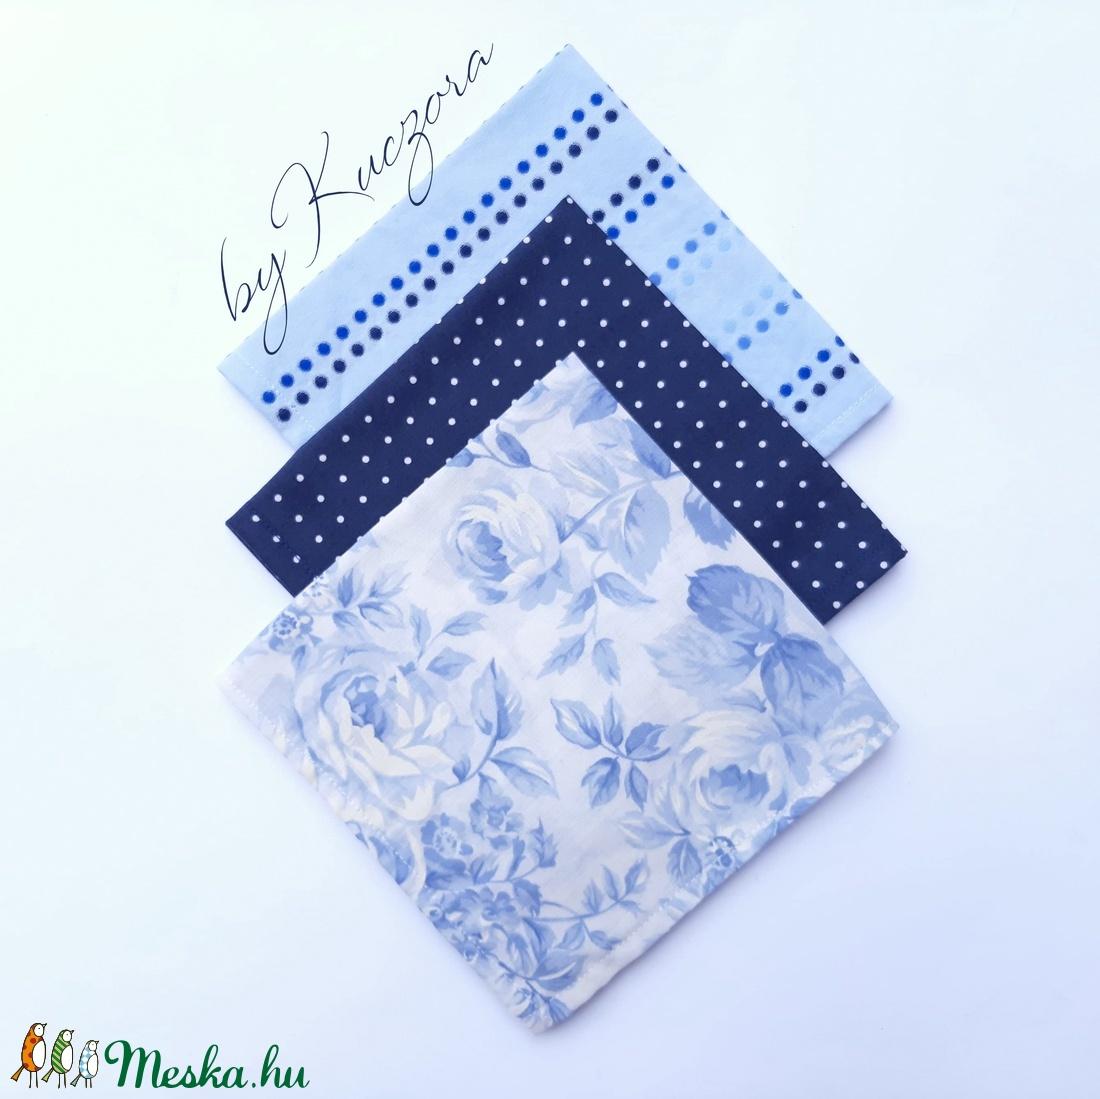 Textil zsebkendő szett, öko zsebkendő szett -Kék rózsás (byKuczora) - Meska.hu